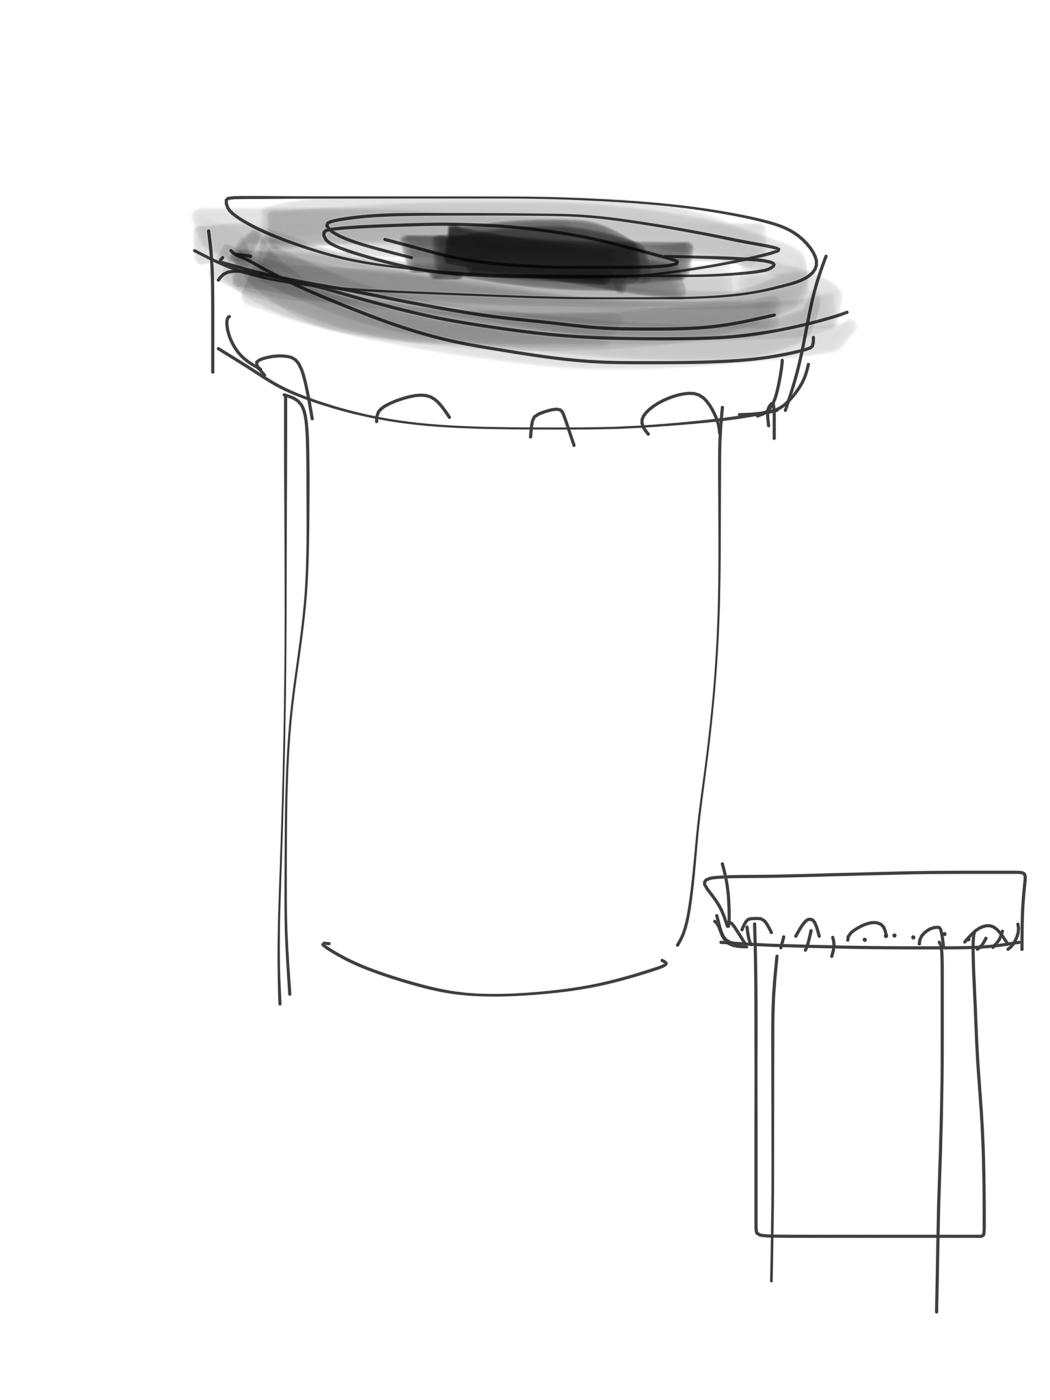 Sketch-324.jpg